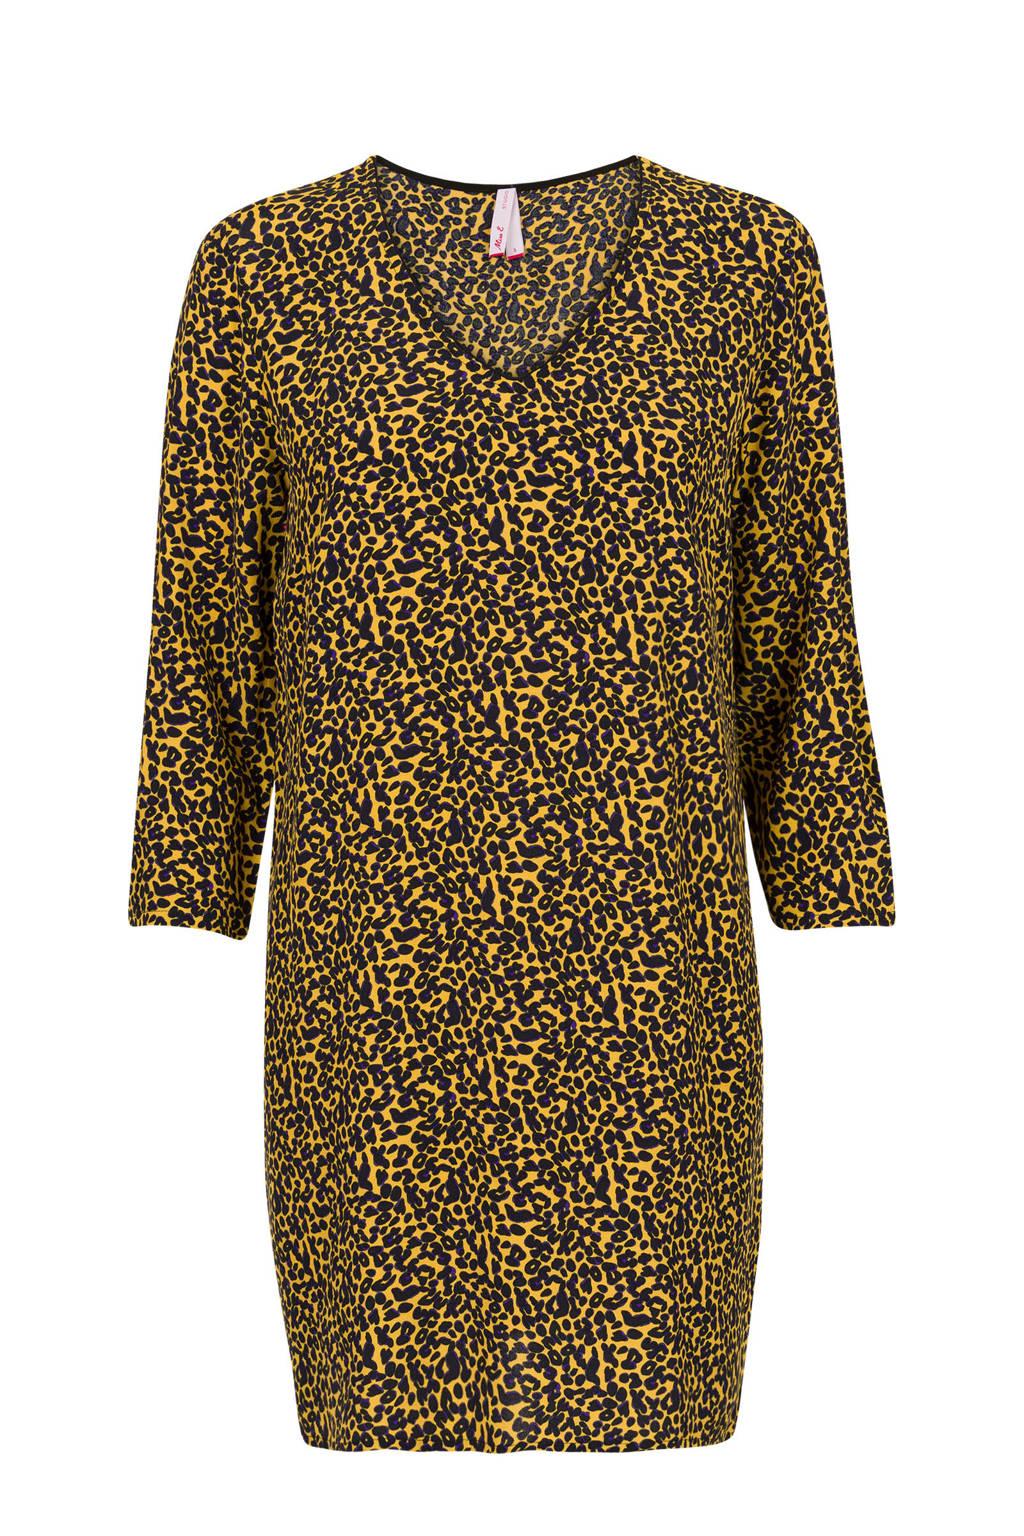 Miss Etam Regulier tuniek met panterprint geel, Geel